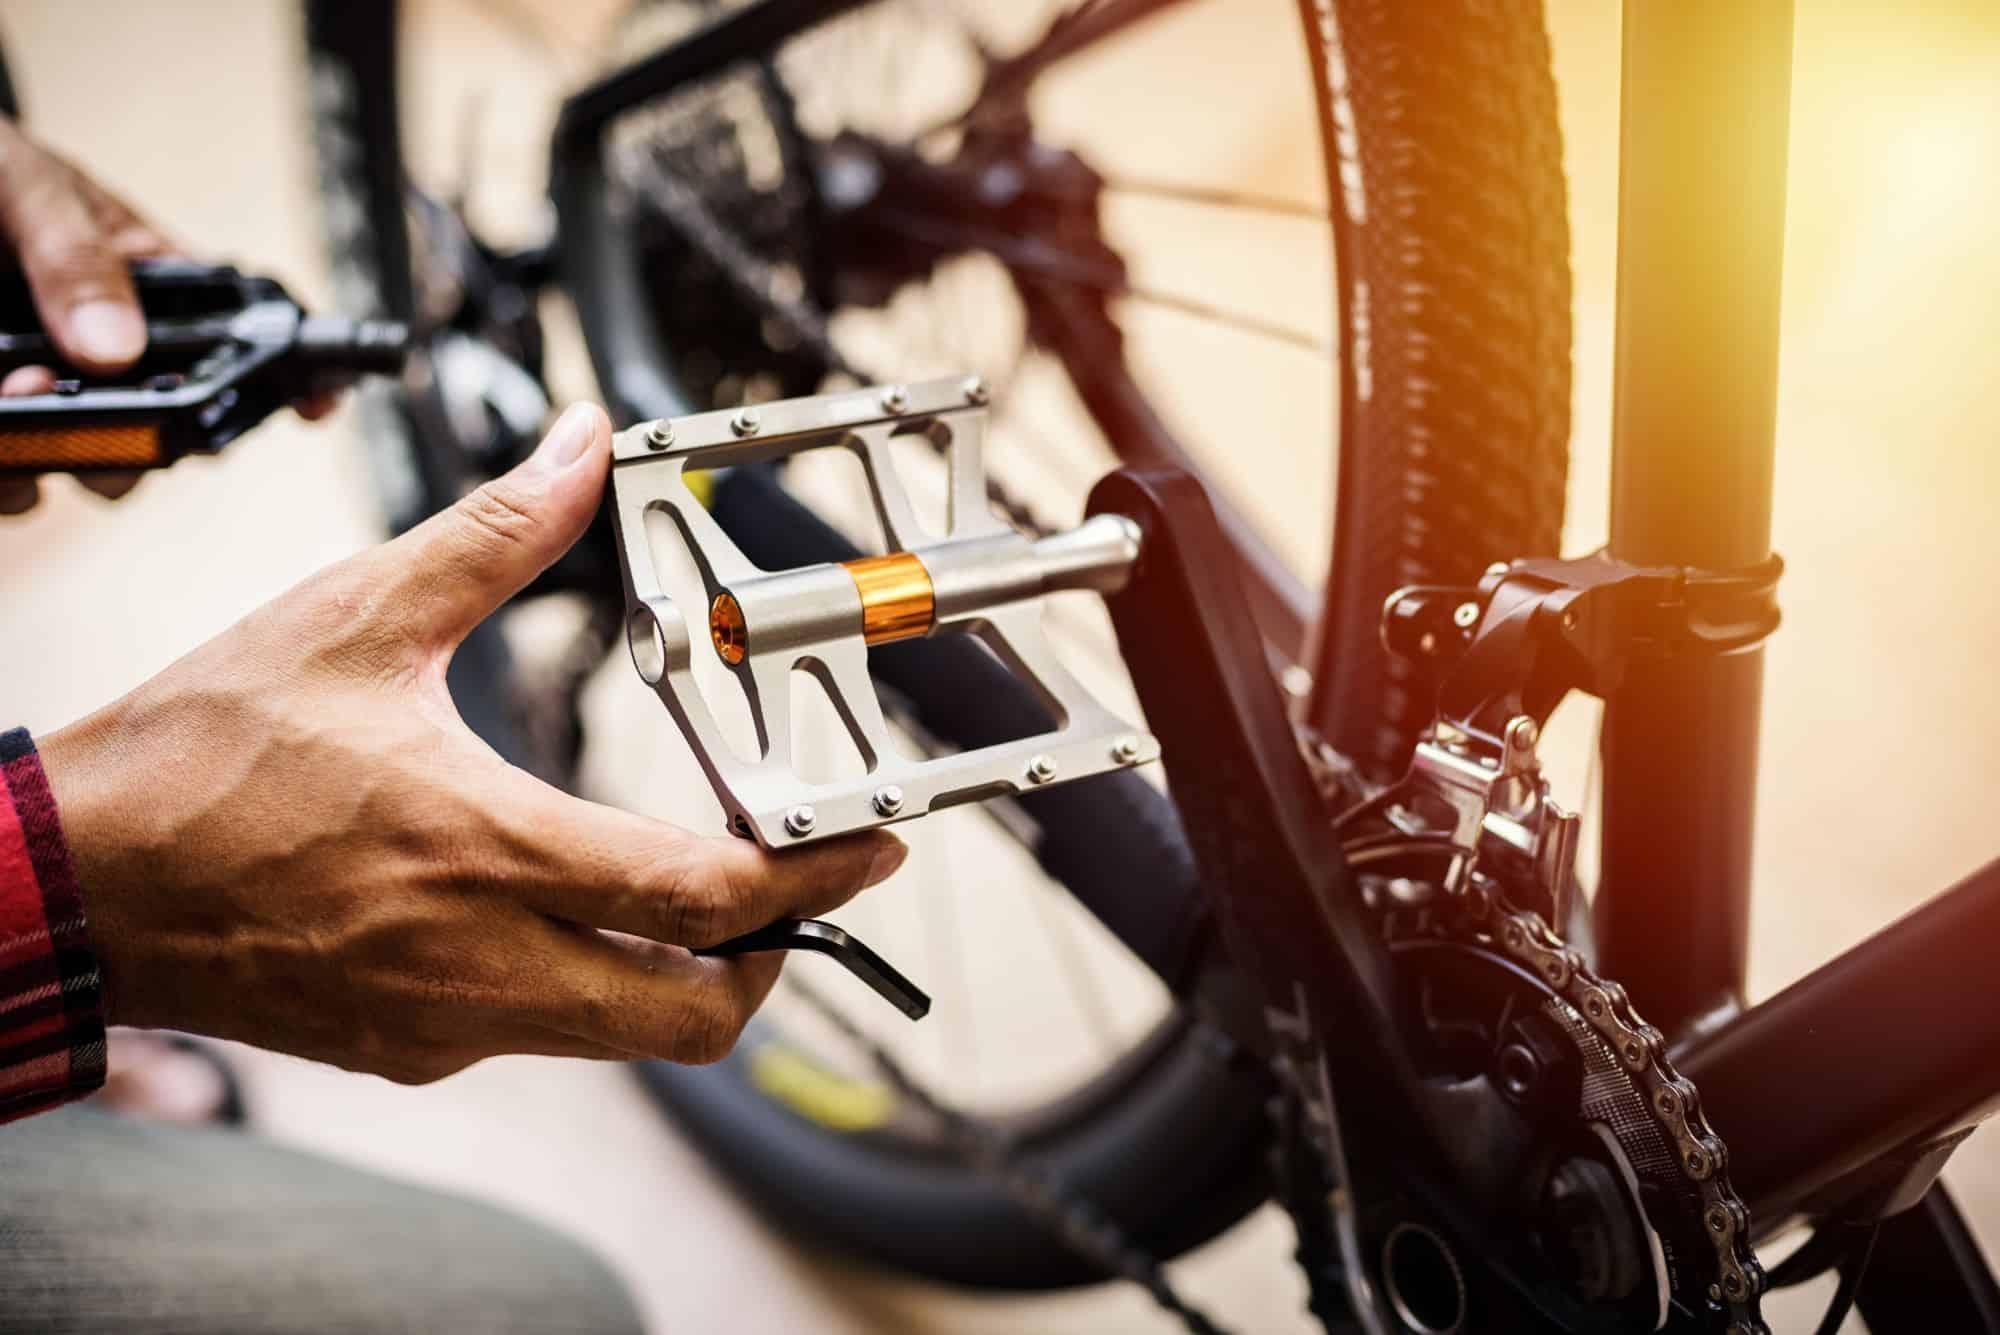 Fahrradpedale wechseln, abschrauben und montieren: einfache Schritt-für-Schritt Anleitung